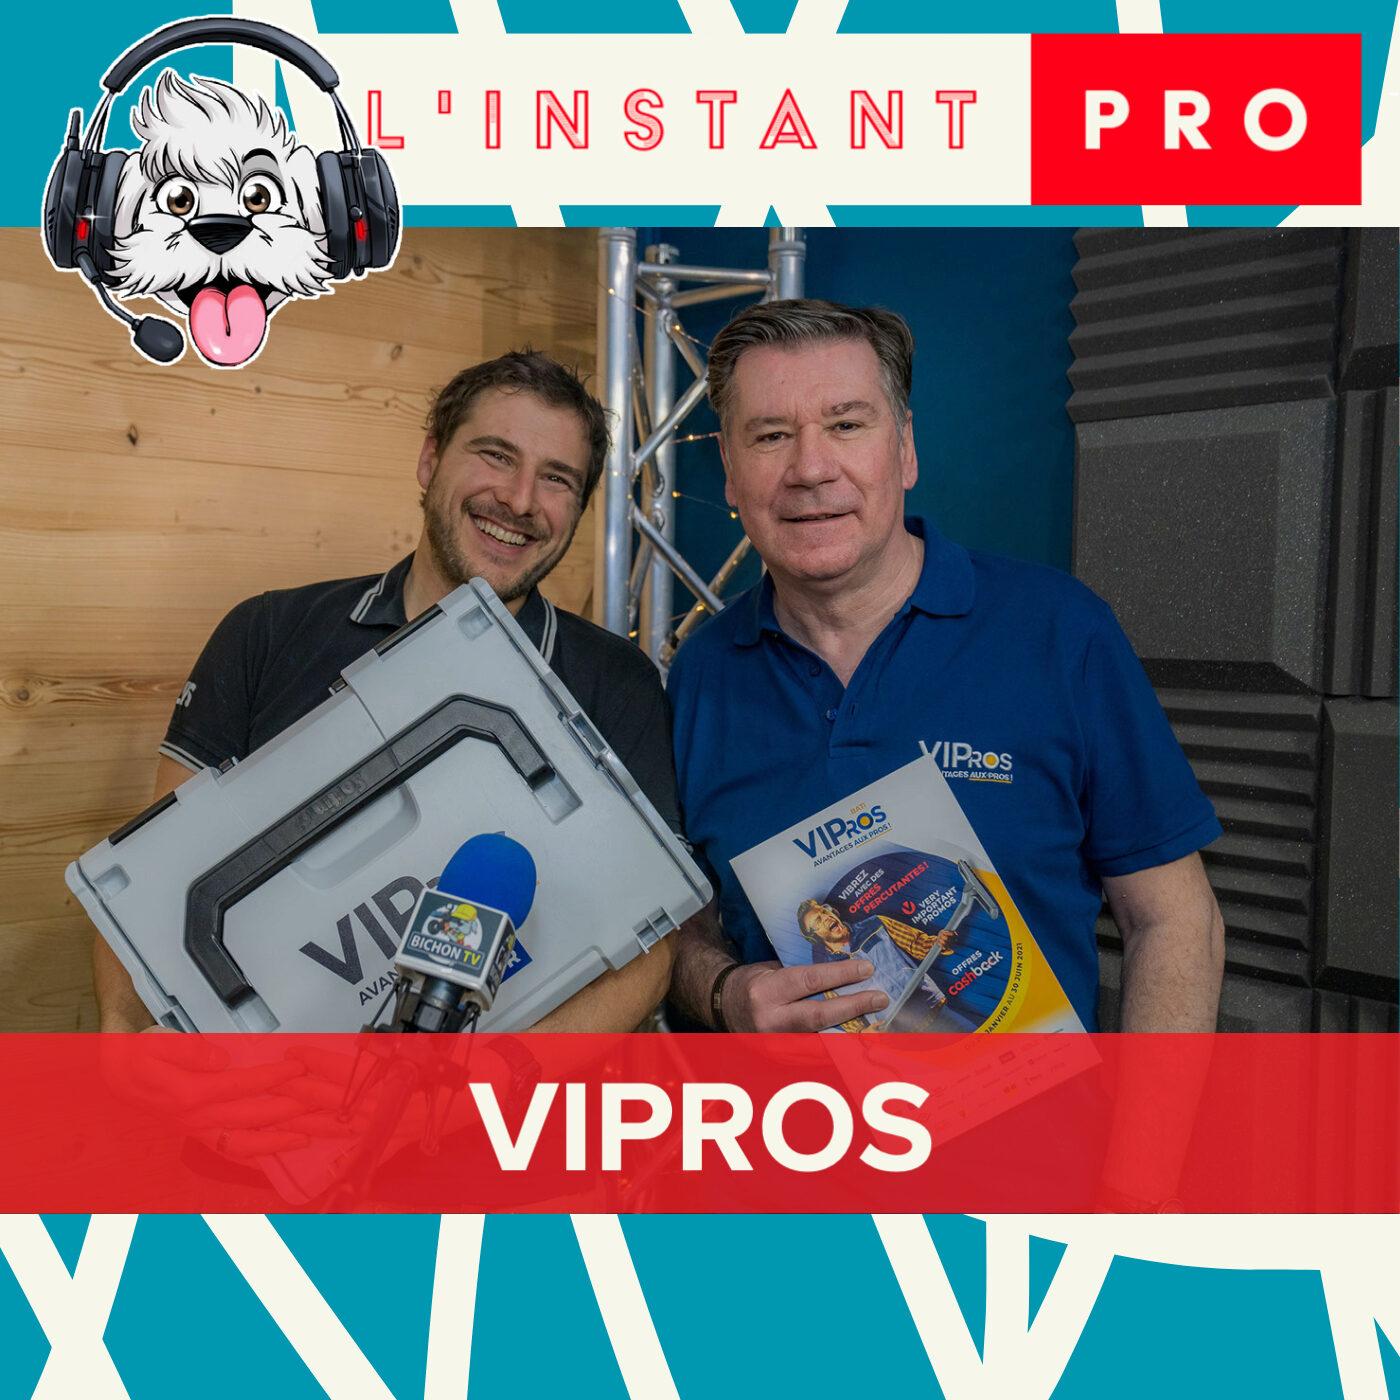 VIPROS Accompagne les artisans et récompense leur fidélité Gratuitement. L'instant PRO de BichonTV